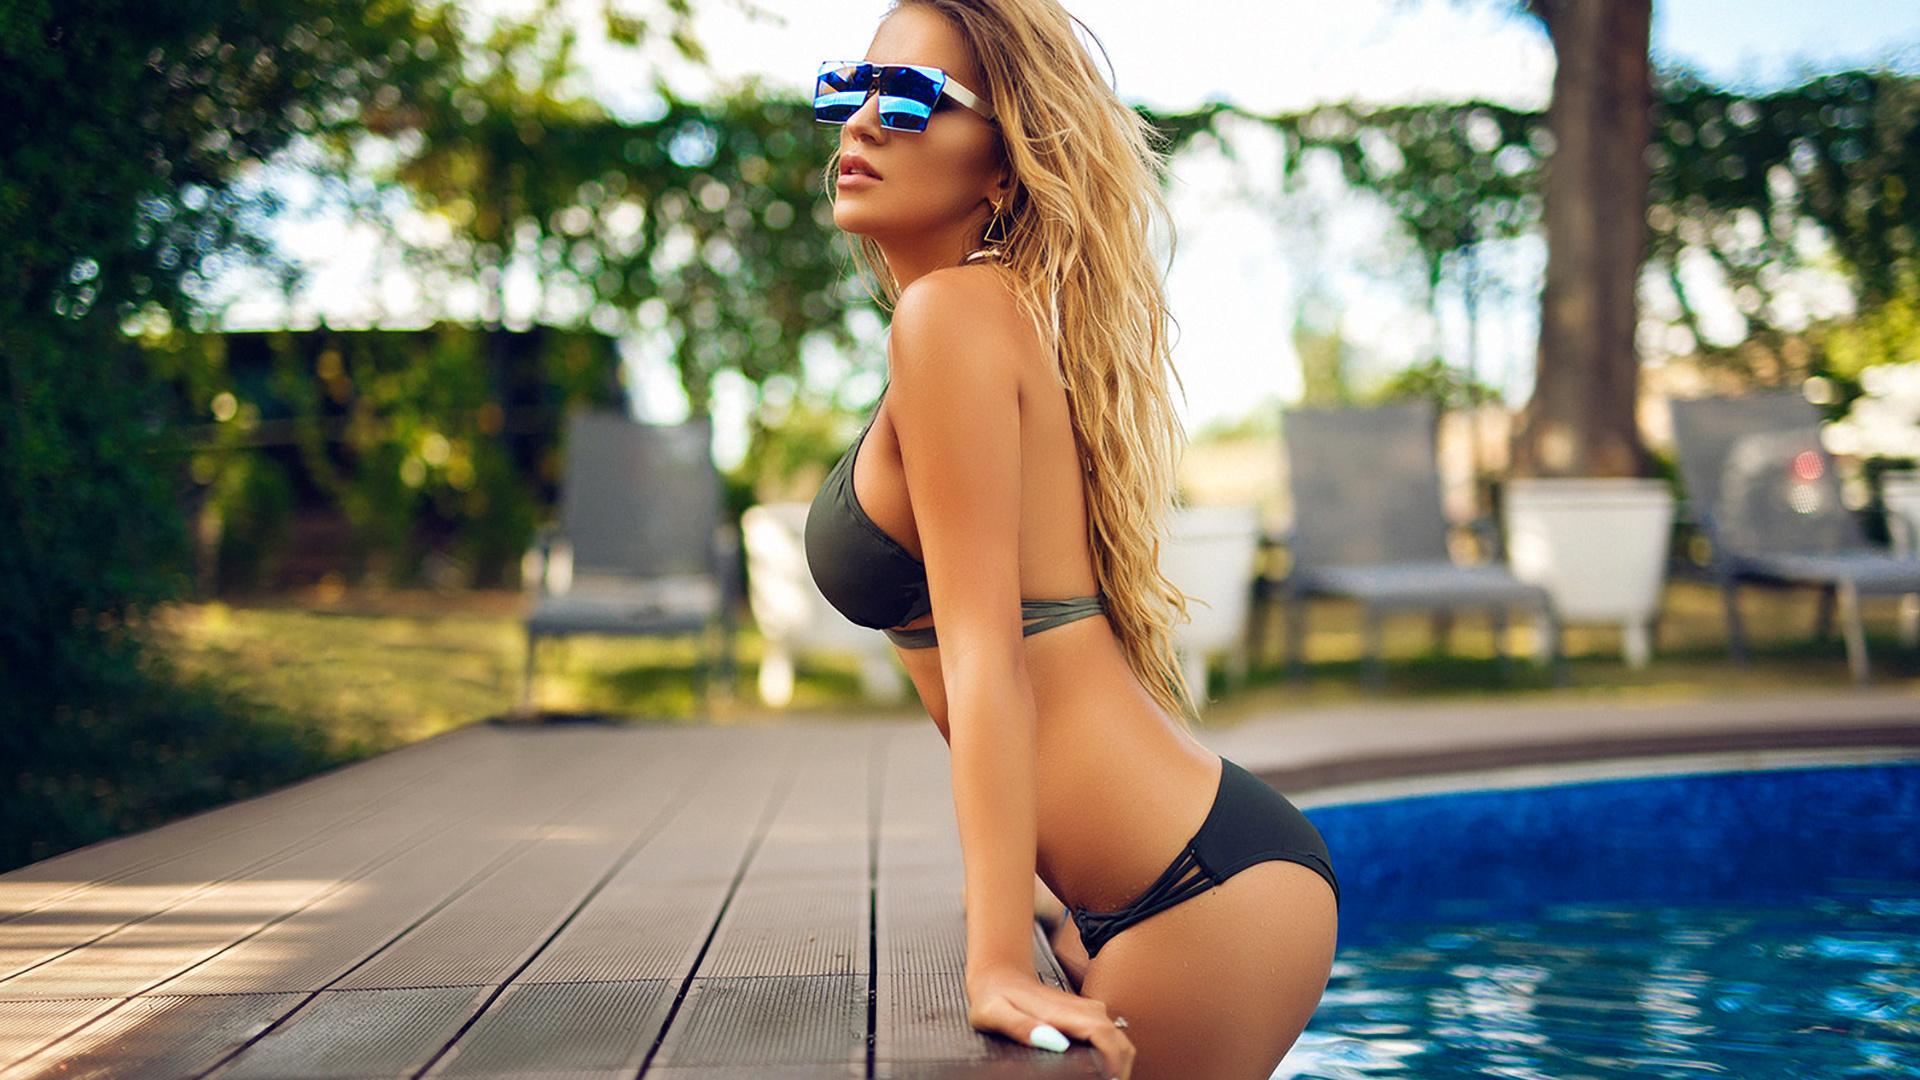 foto-dlya-androida-devushki-v-bikini-i-ochkah